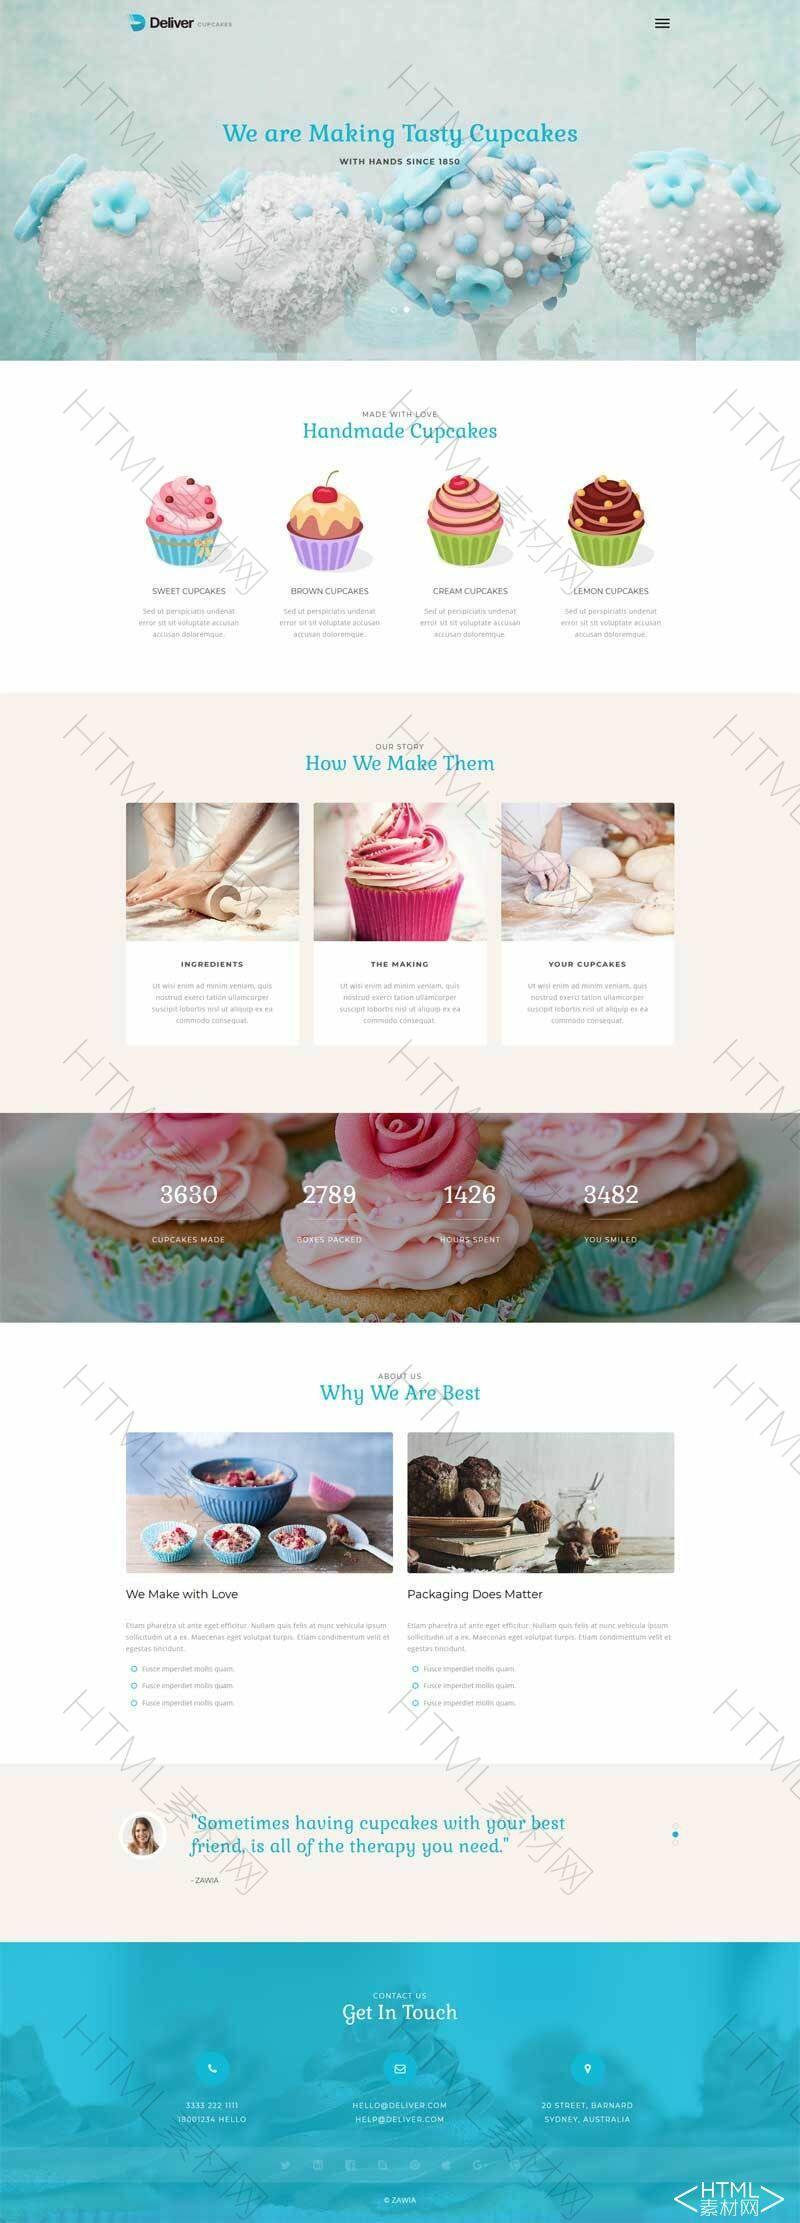 简洁大气的蛋糕甜品店网站模板.jpg